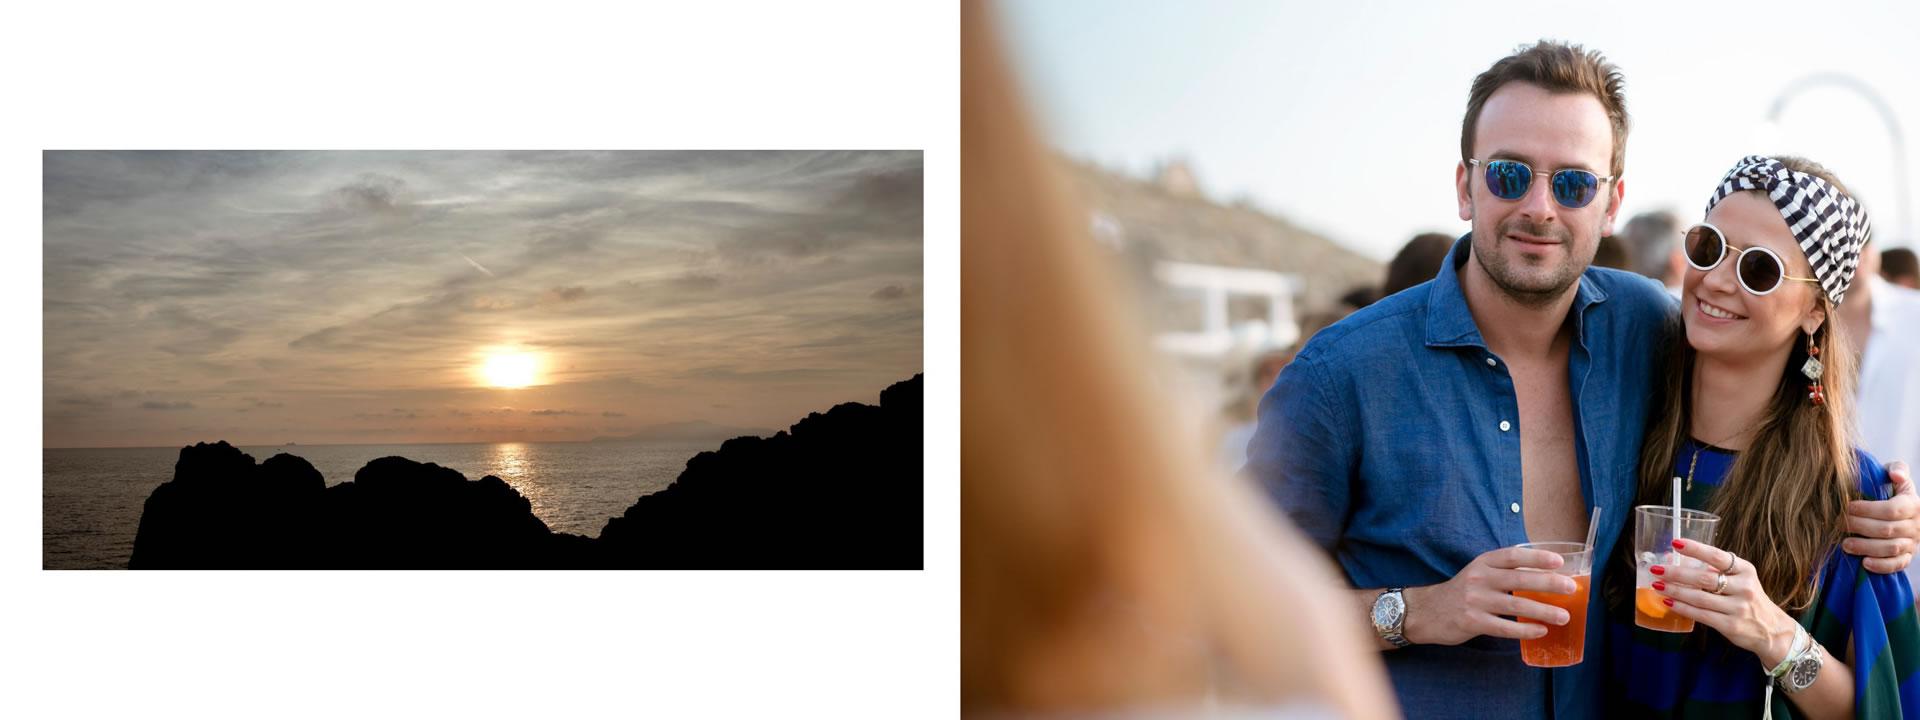 - 20 :: Jewish luxury wedding weekend in Capri :: Luxury wedding photography - 19 ::  - 20